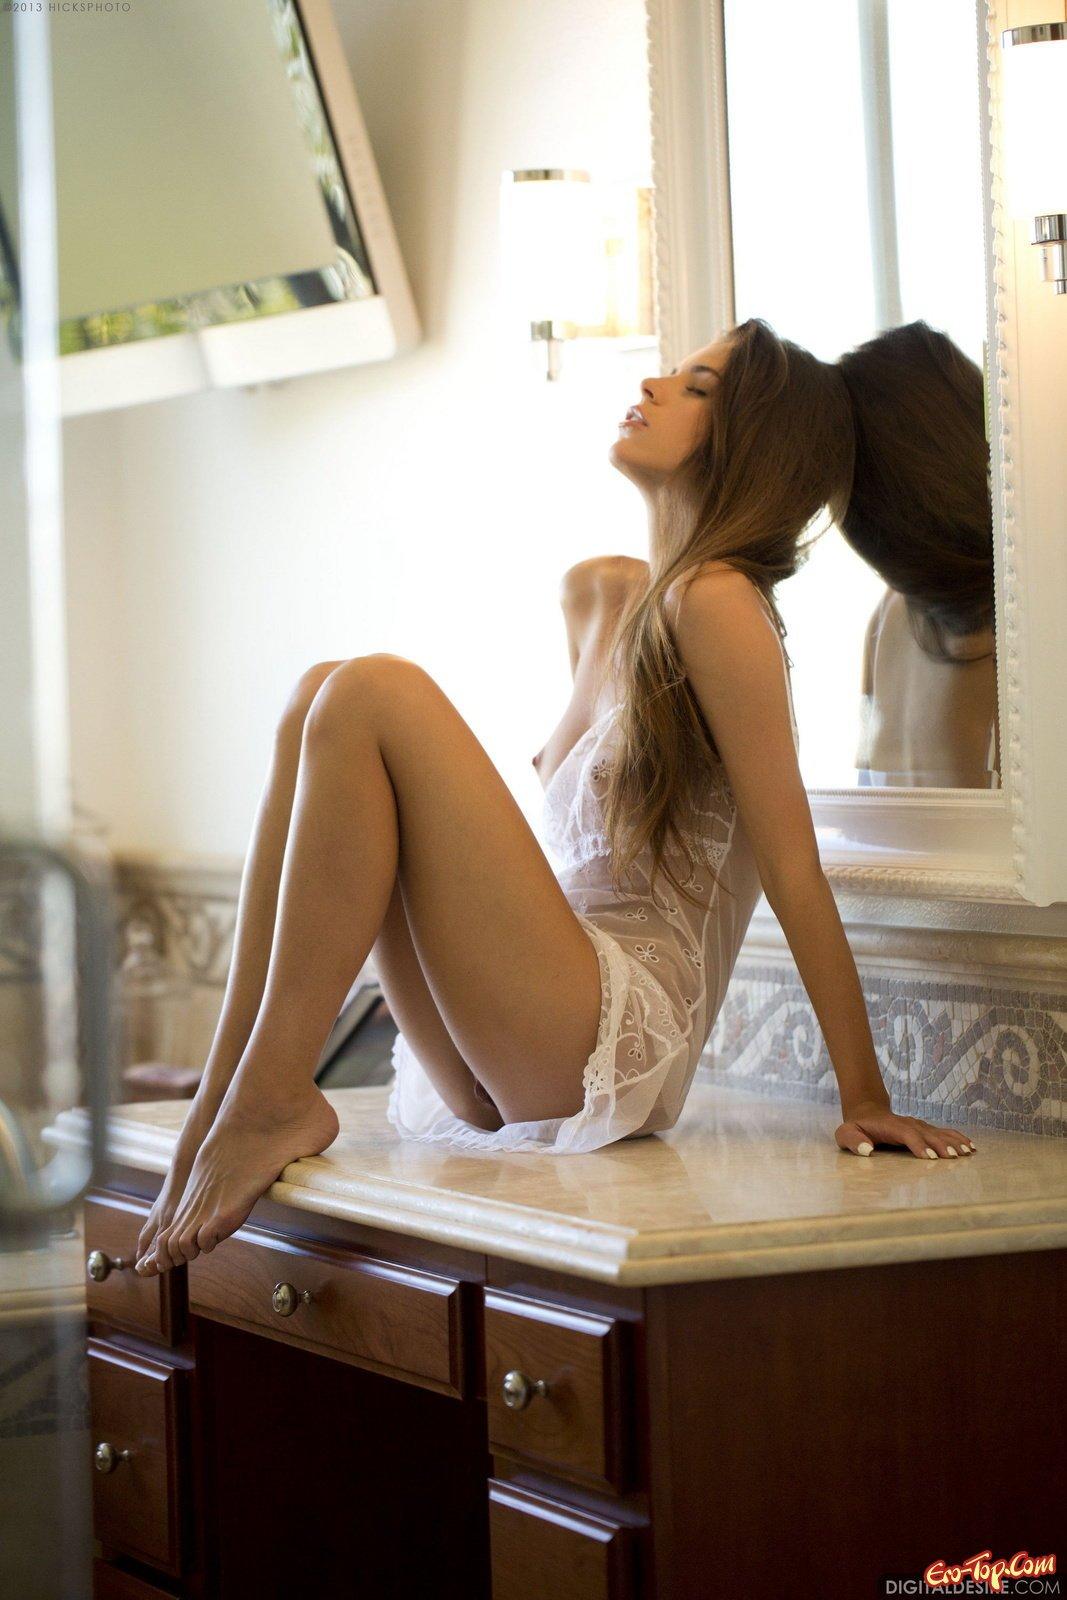 Красавица раздевается сидя у зеркала